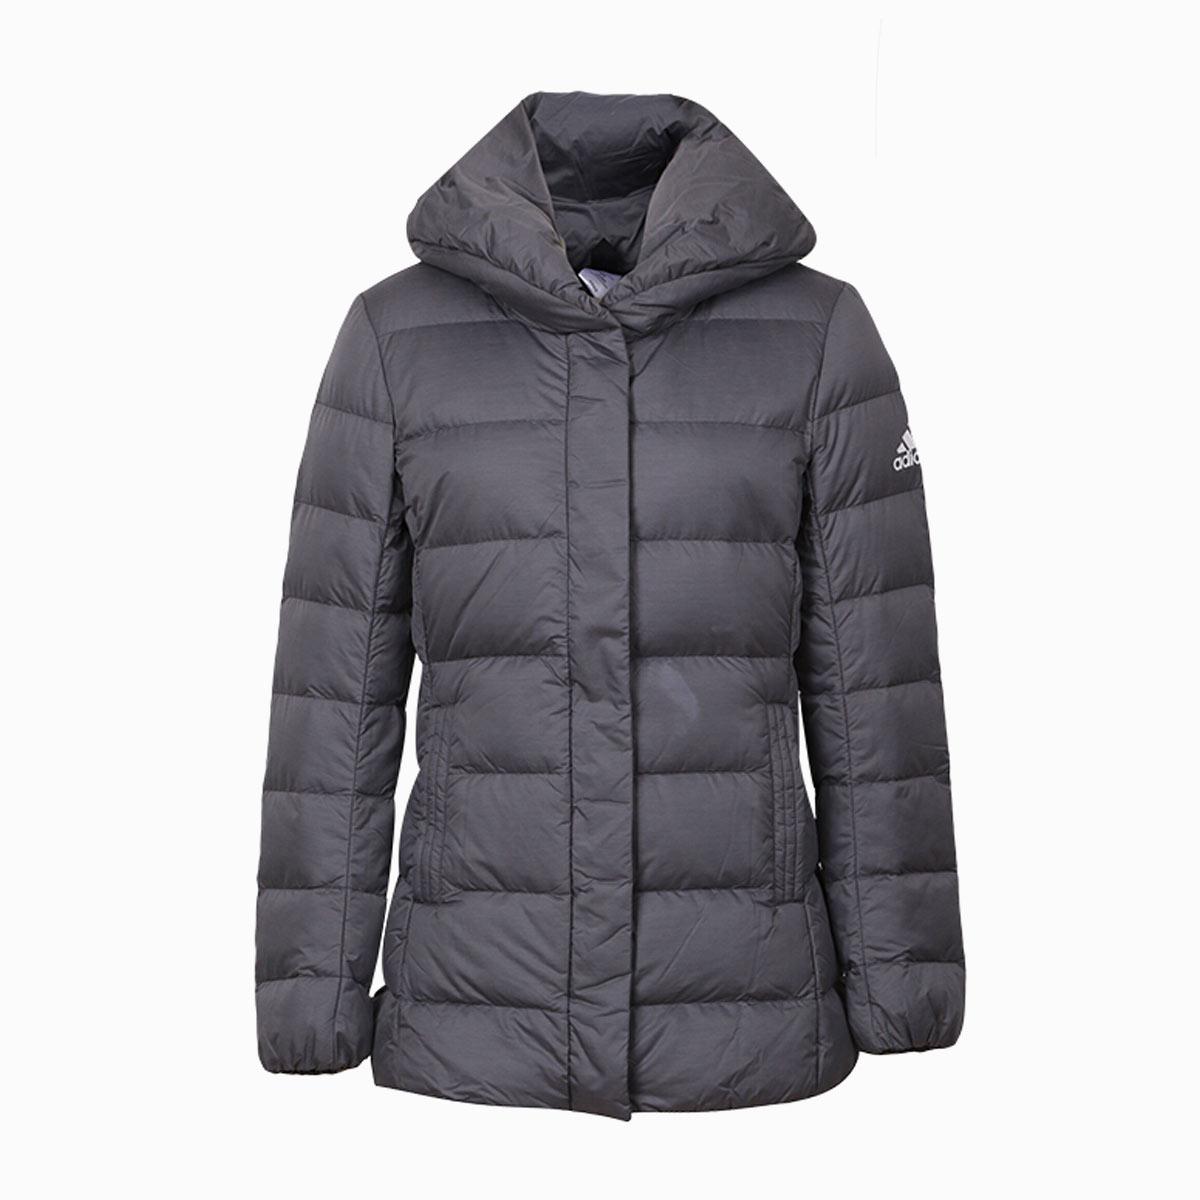 390元包邮 阿迪达斯  W NUVIC SHAWL休闲舒适防风保暖连帽女款羽绒夹克